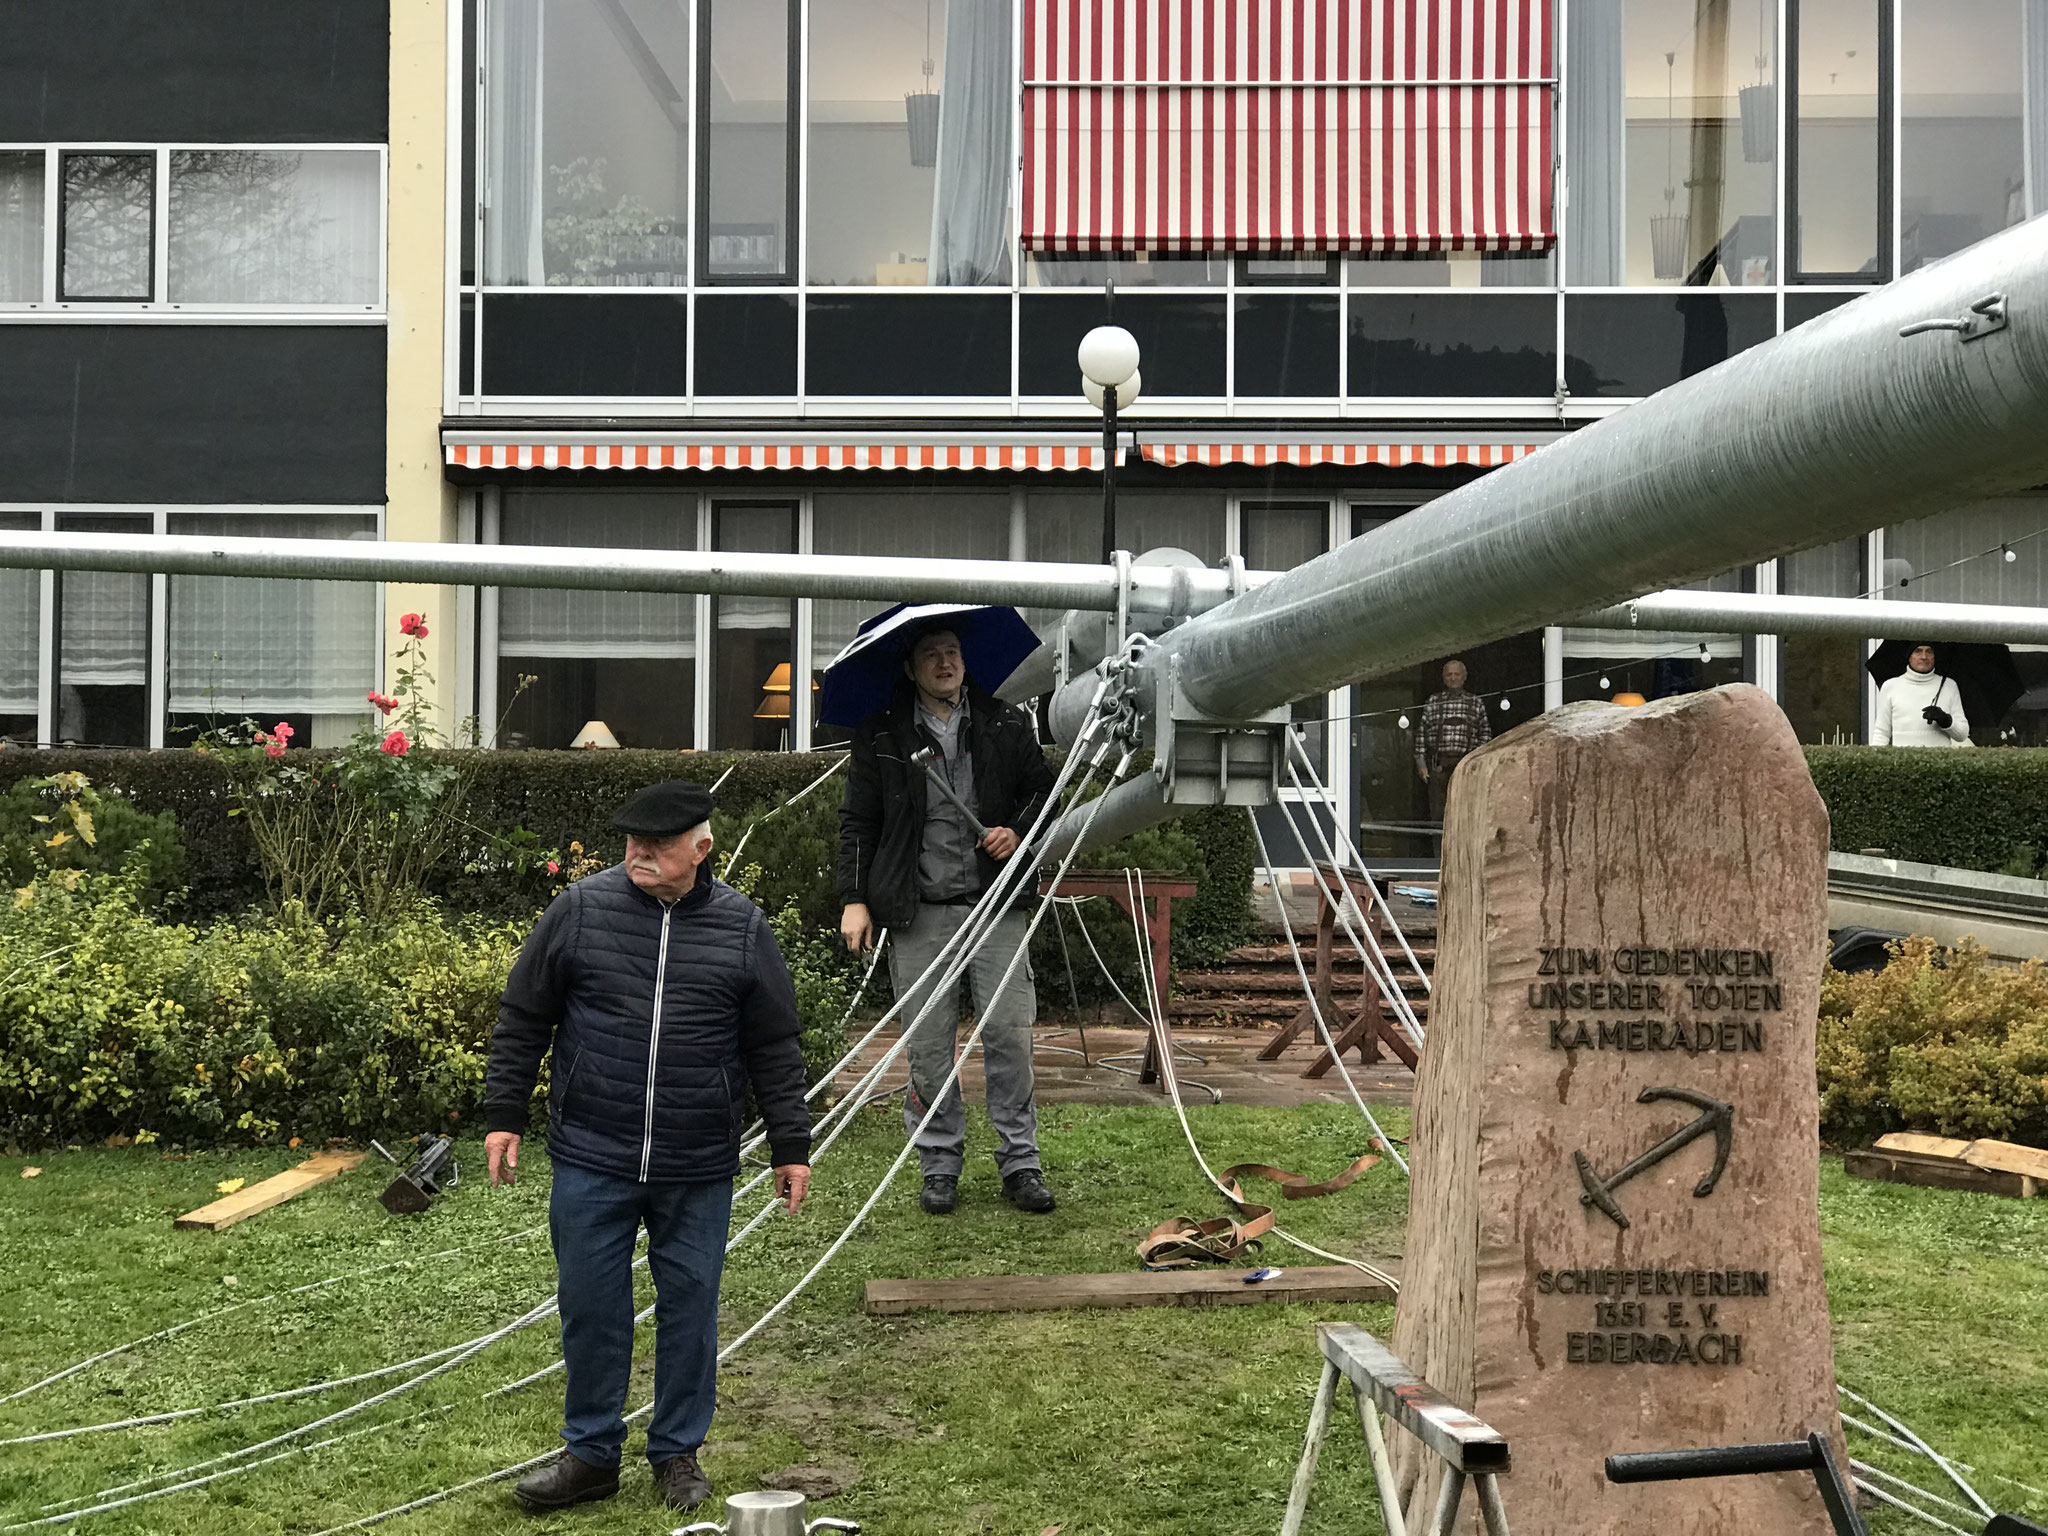 Seile und Flaggenleinen werden befestigt